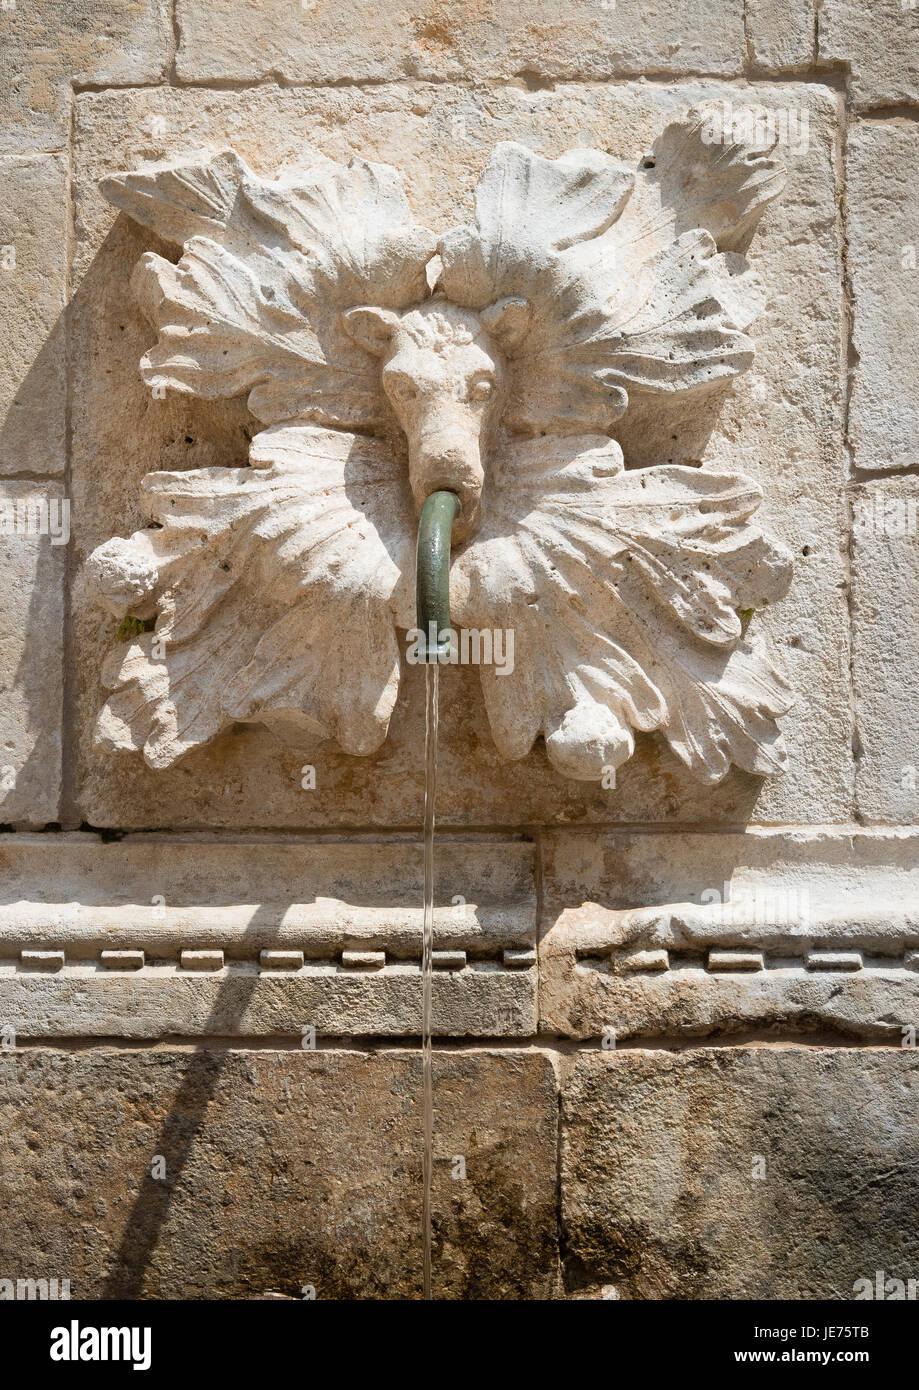 Plaque de la Gargouille et conduite d'eau sur la grande fontaine d'Onofrio à l'intérieur des murs de la vieille ville de Dubrovnik en Croatie Banque D'Images